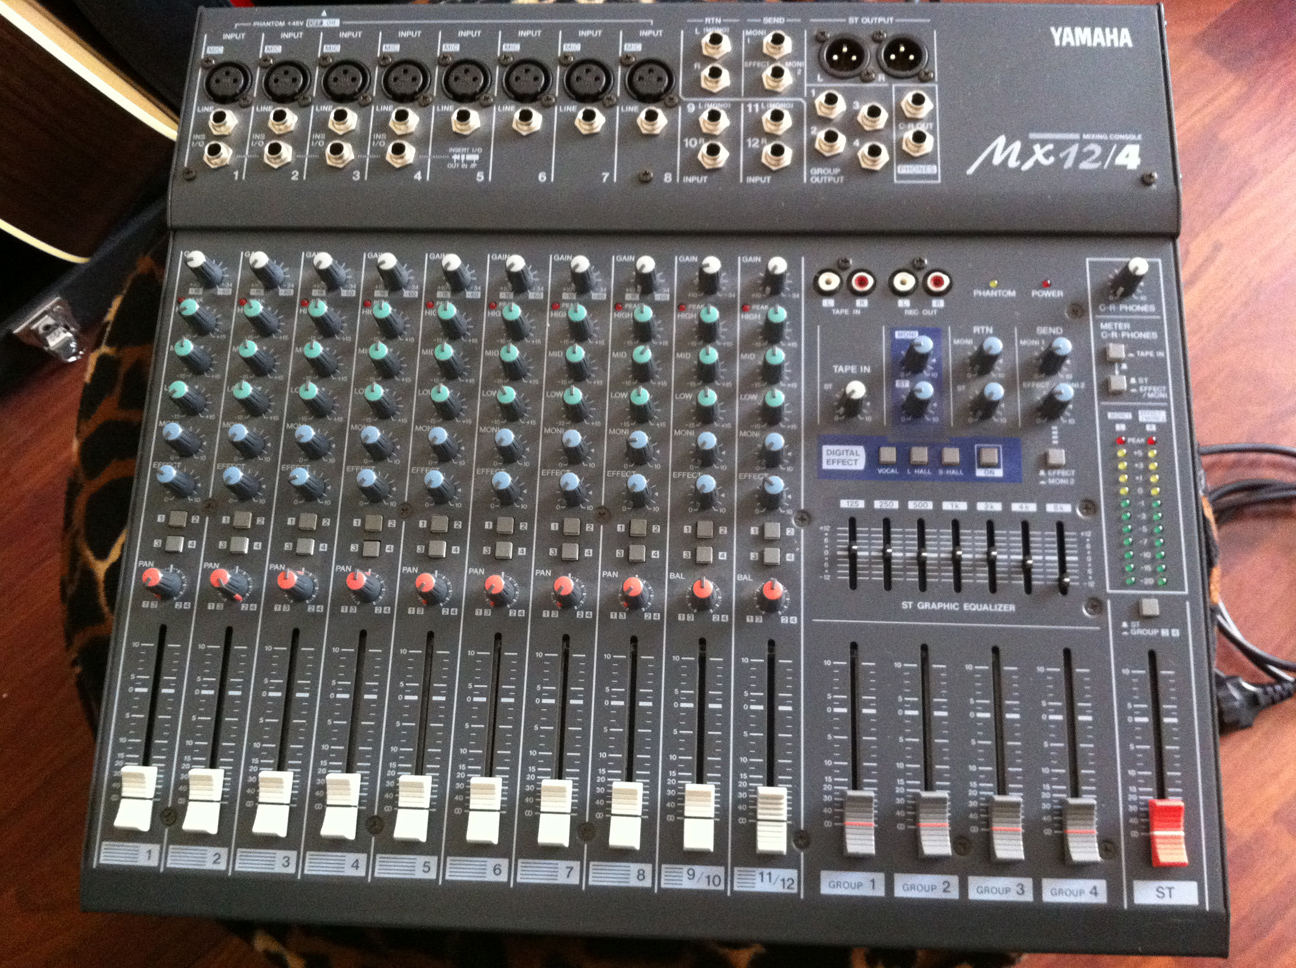 yamaha mx12 4 image 361281 audiofanzine